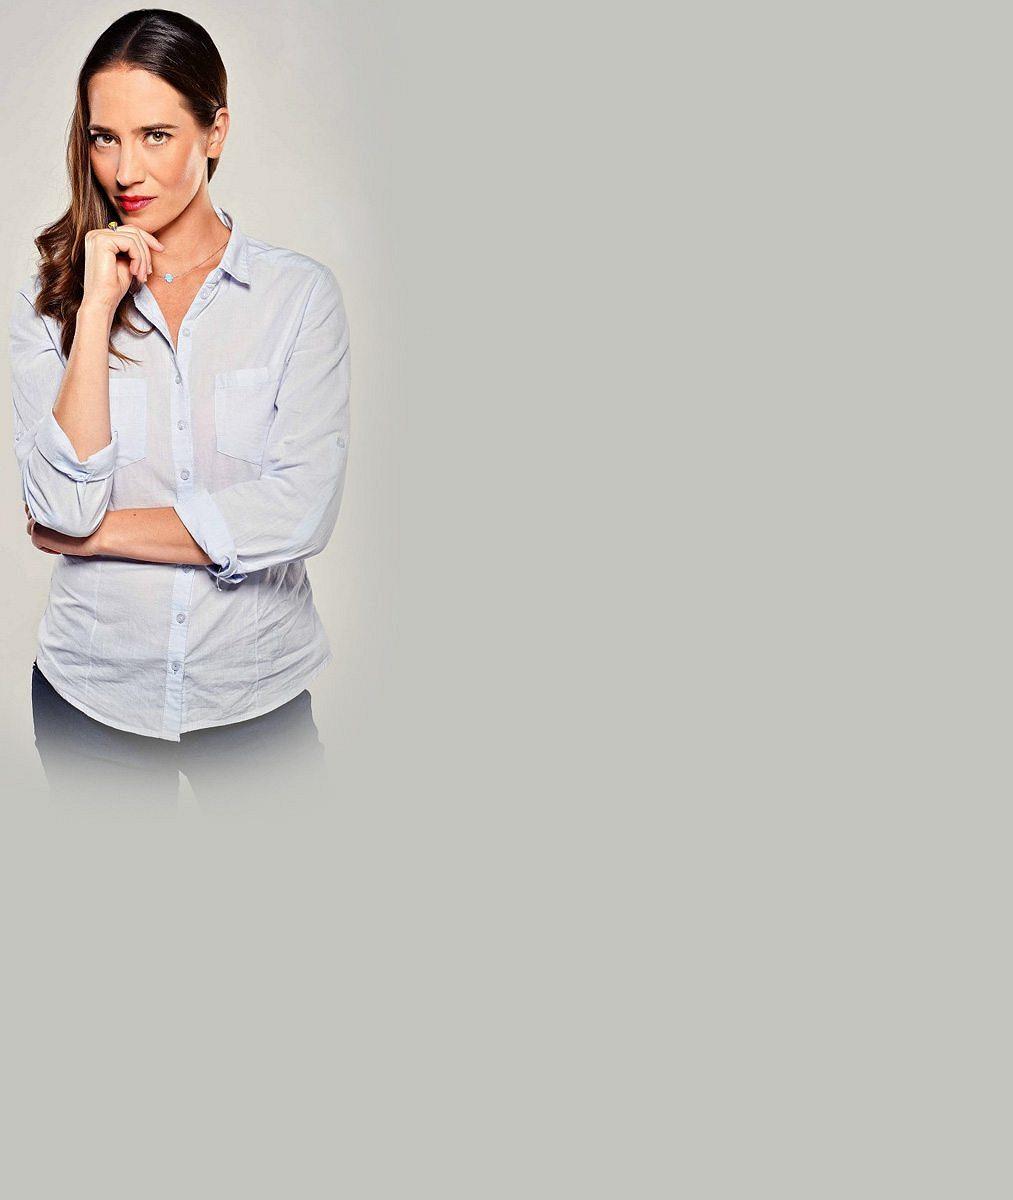 Hrála milenku Jitky Čvančarové a Renč ji svlékl v Sanitce 2: Krásná brunetka Kolesárová se představí v novém seriálu